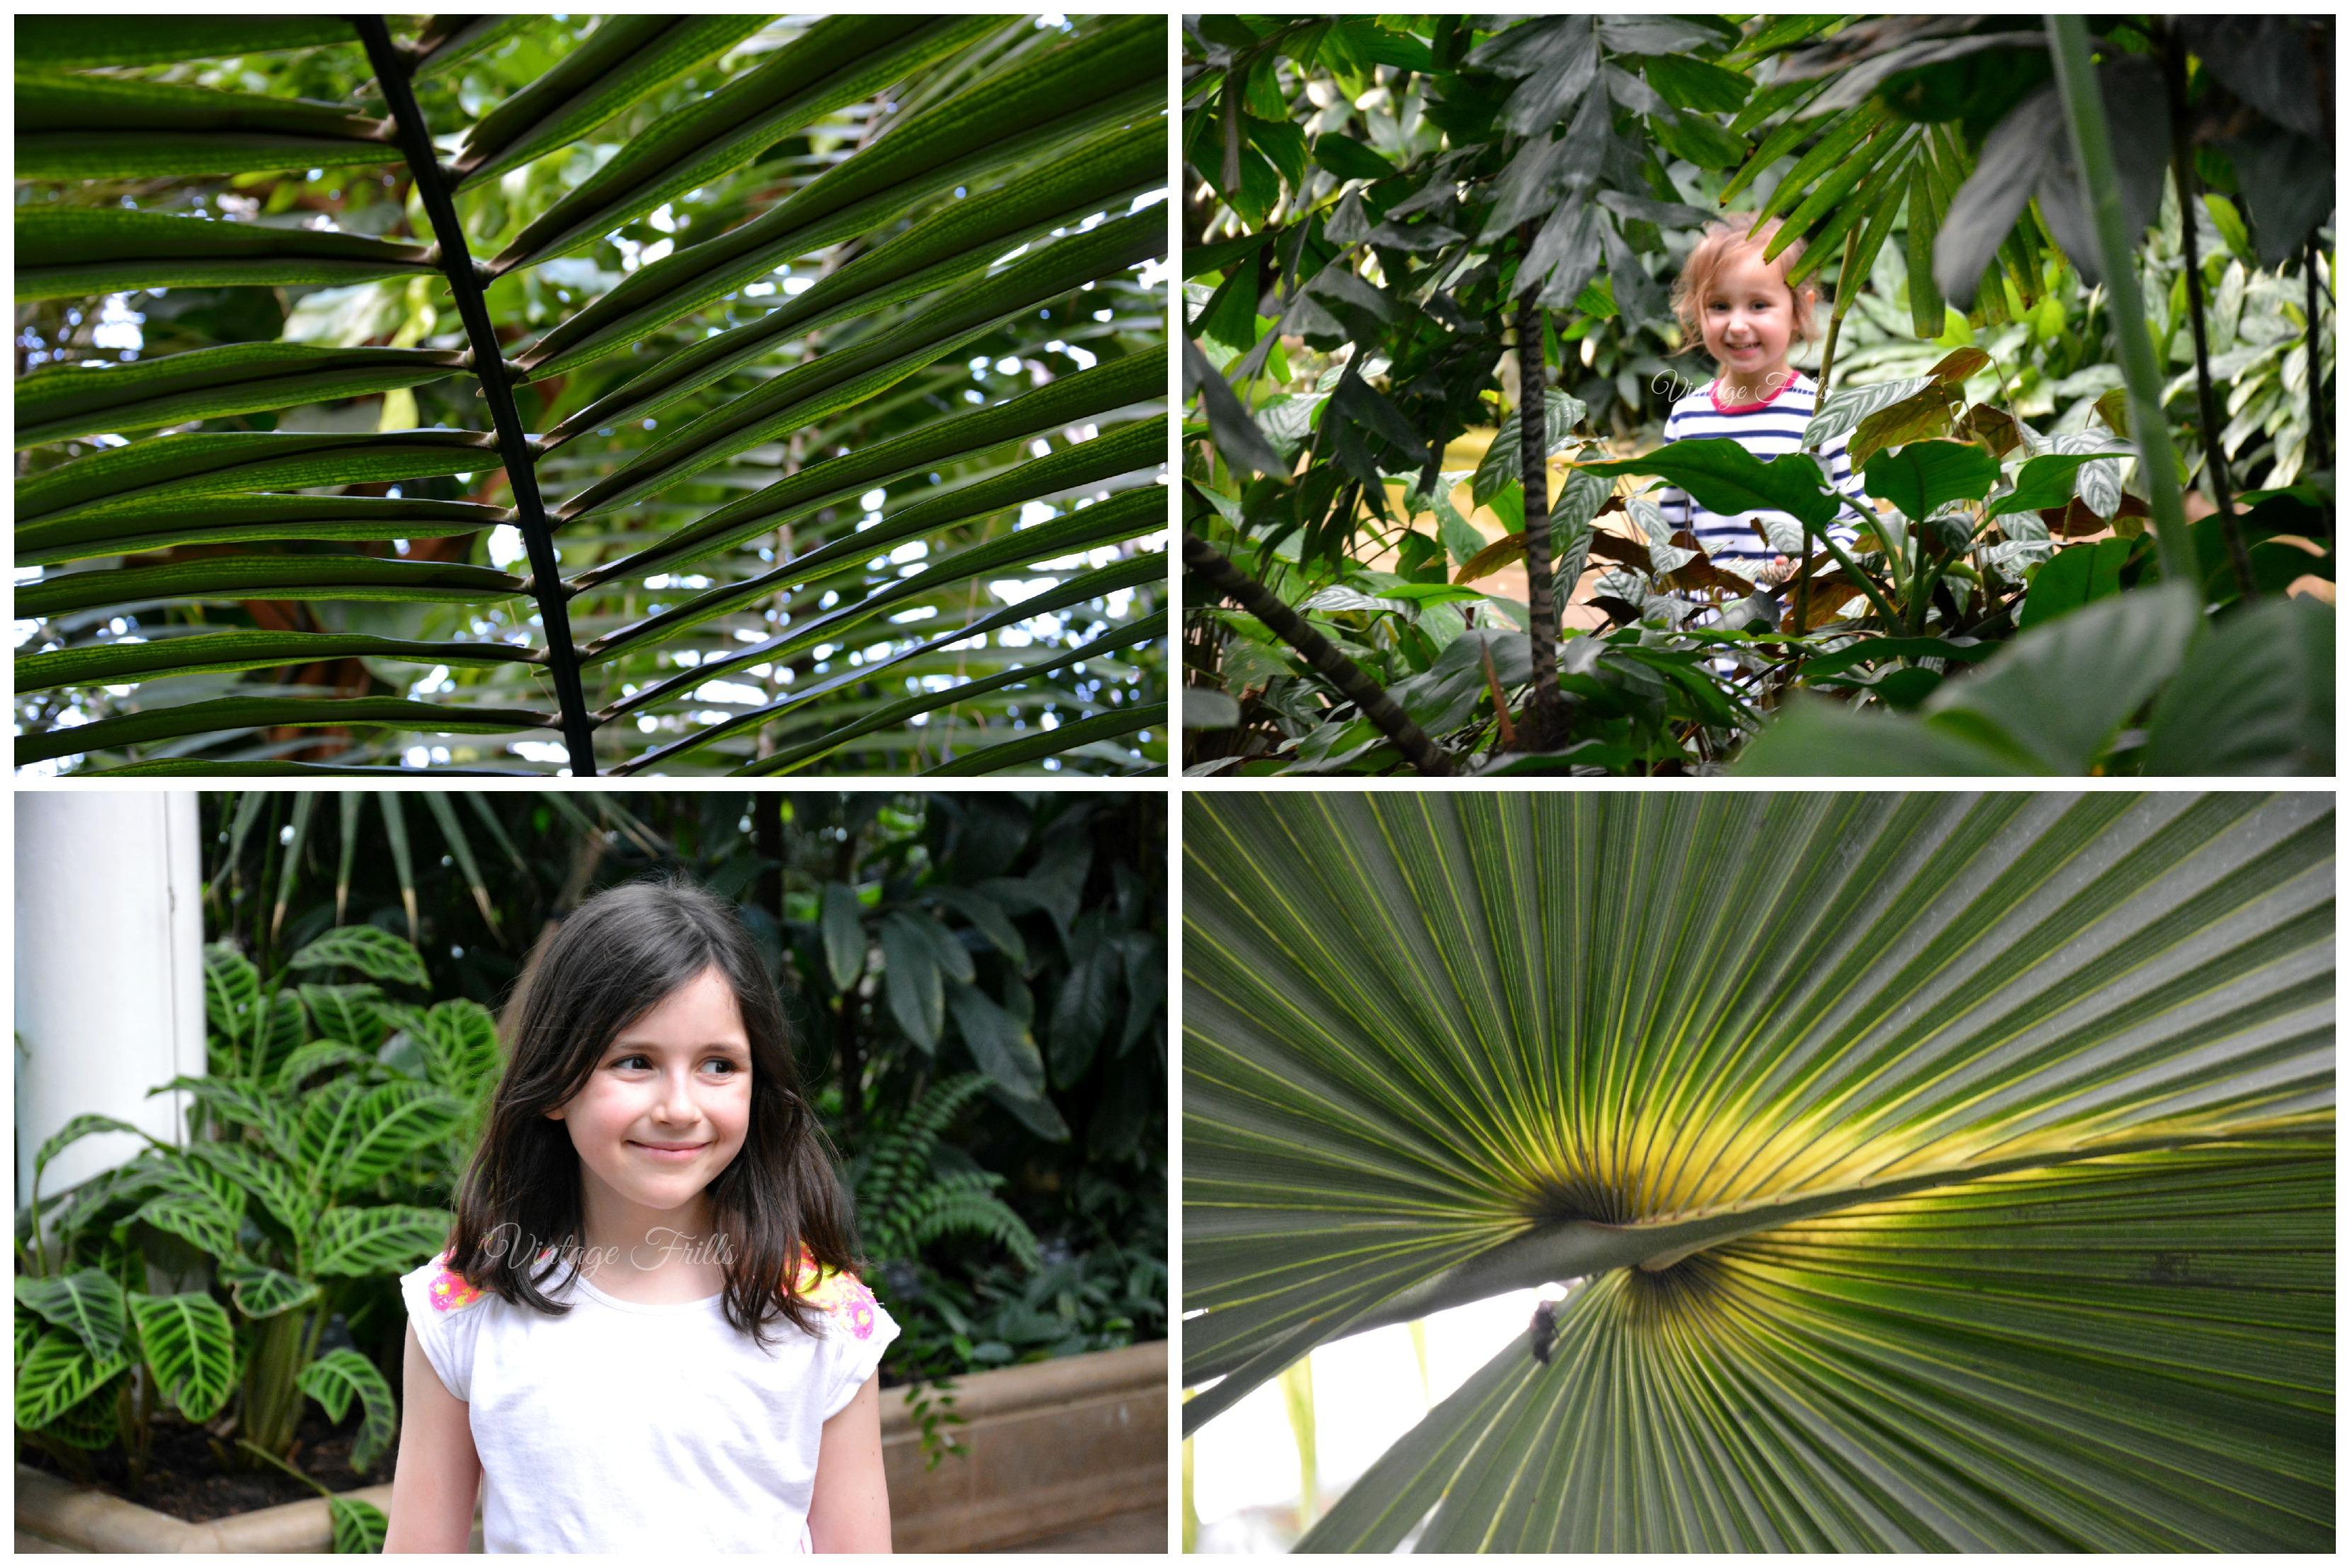 Kew Gardens Giant Leaves